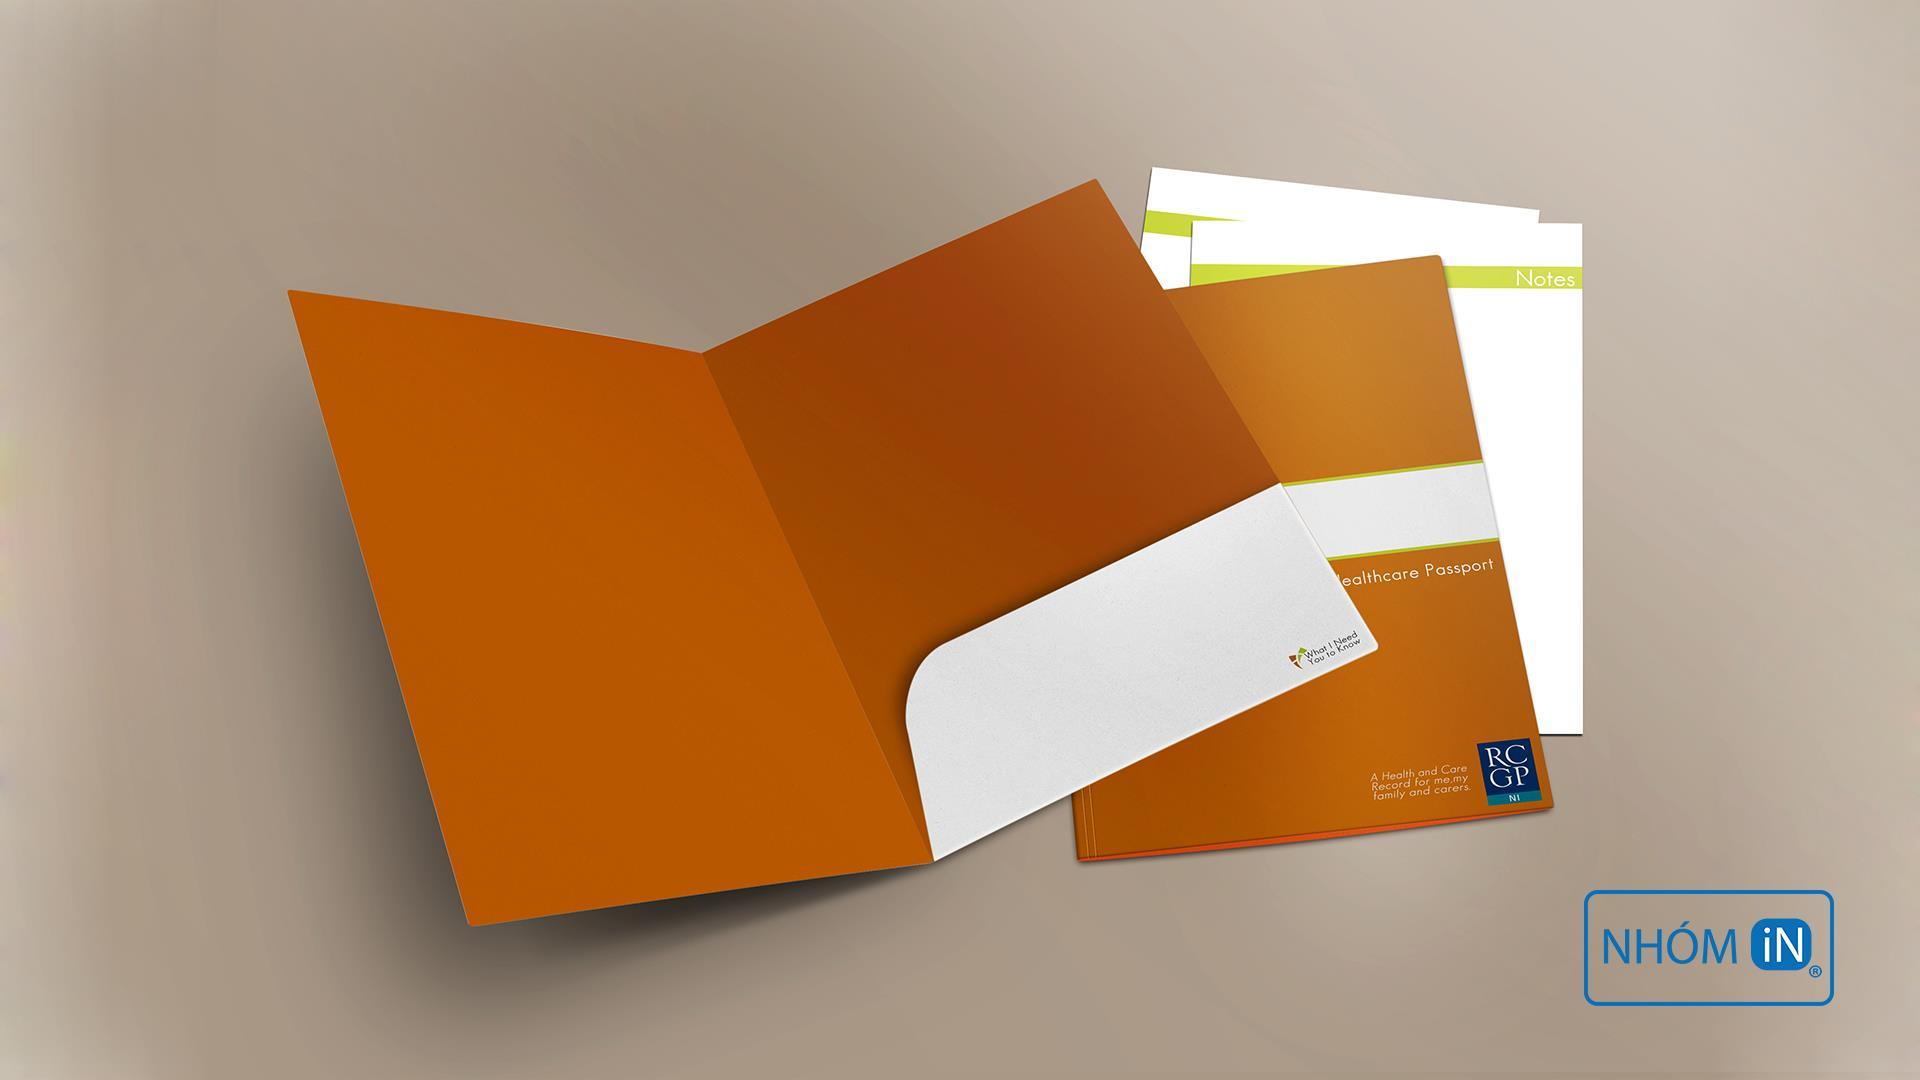 NHÓM IN chuyên thiết kế kẹp file mang phong cách hiện đại, năng động phù hợp yêu cầu thời đại mới